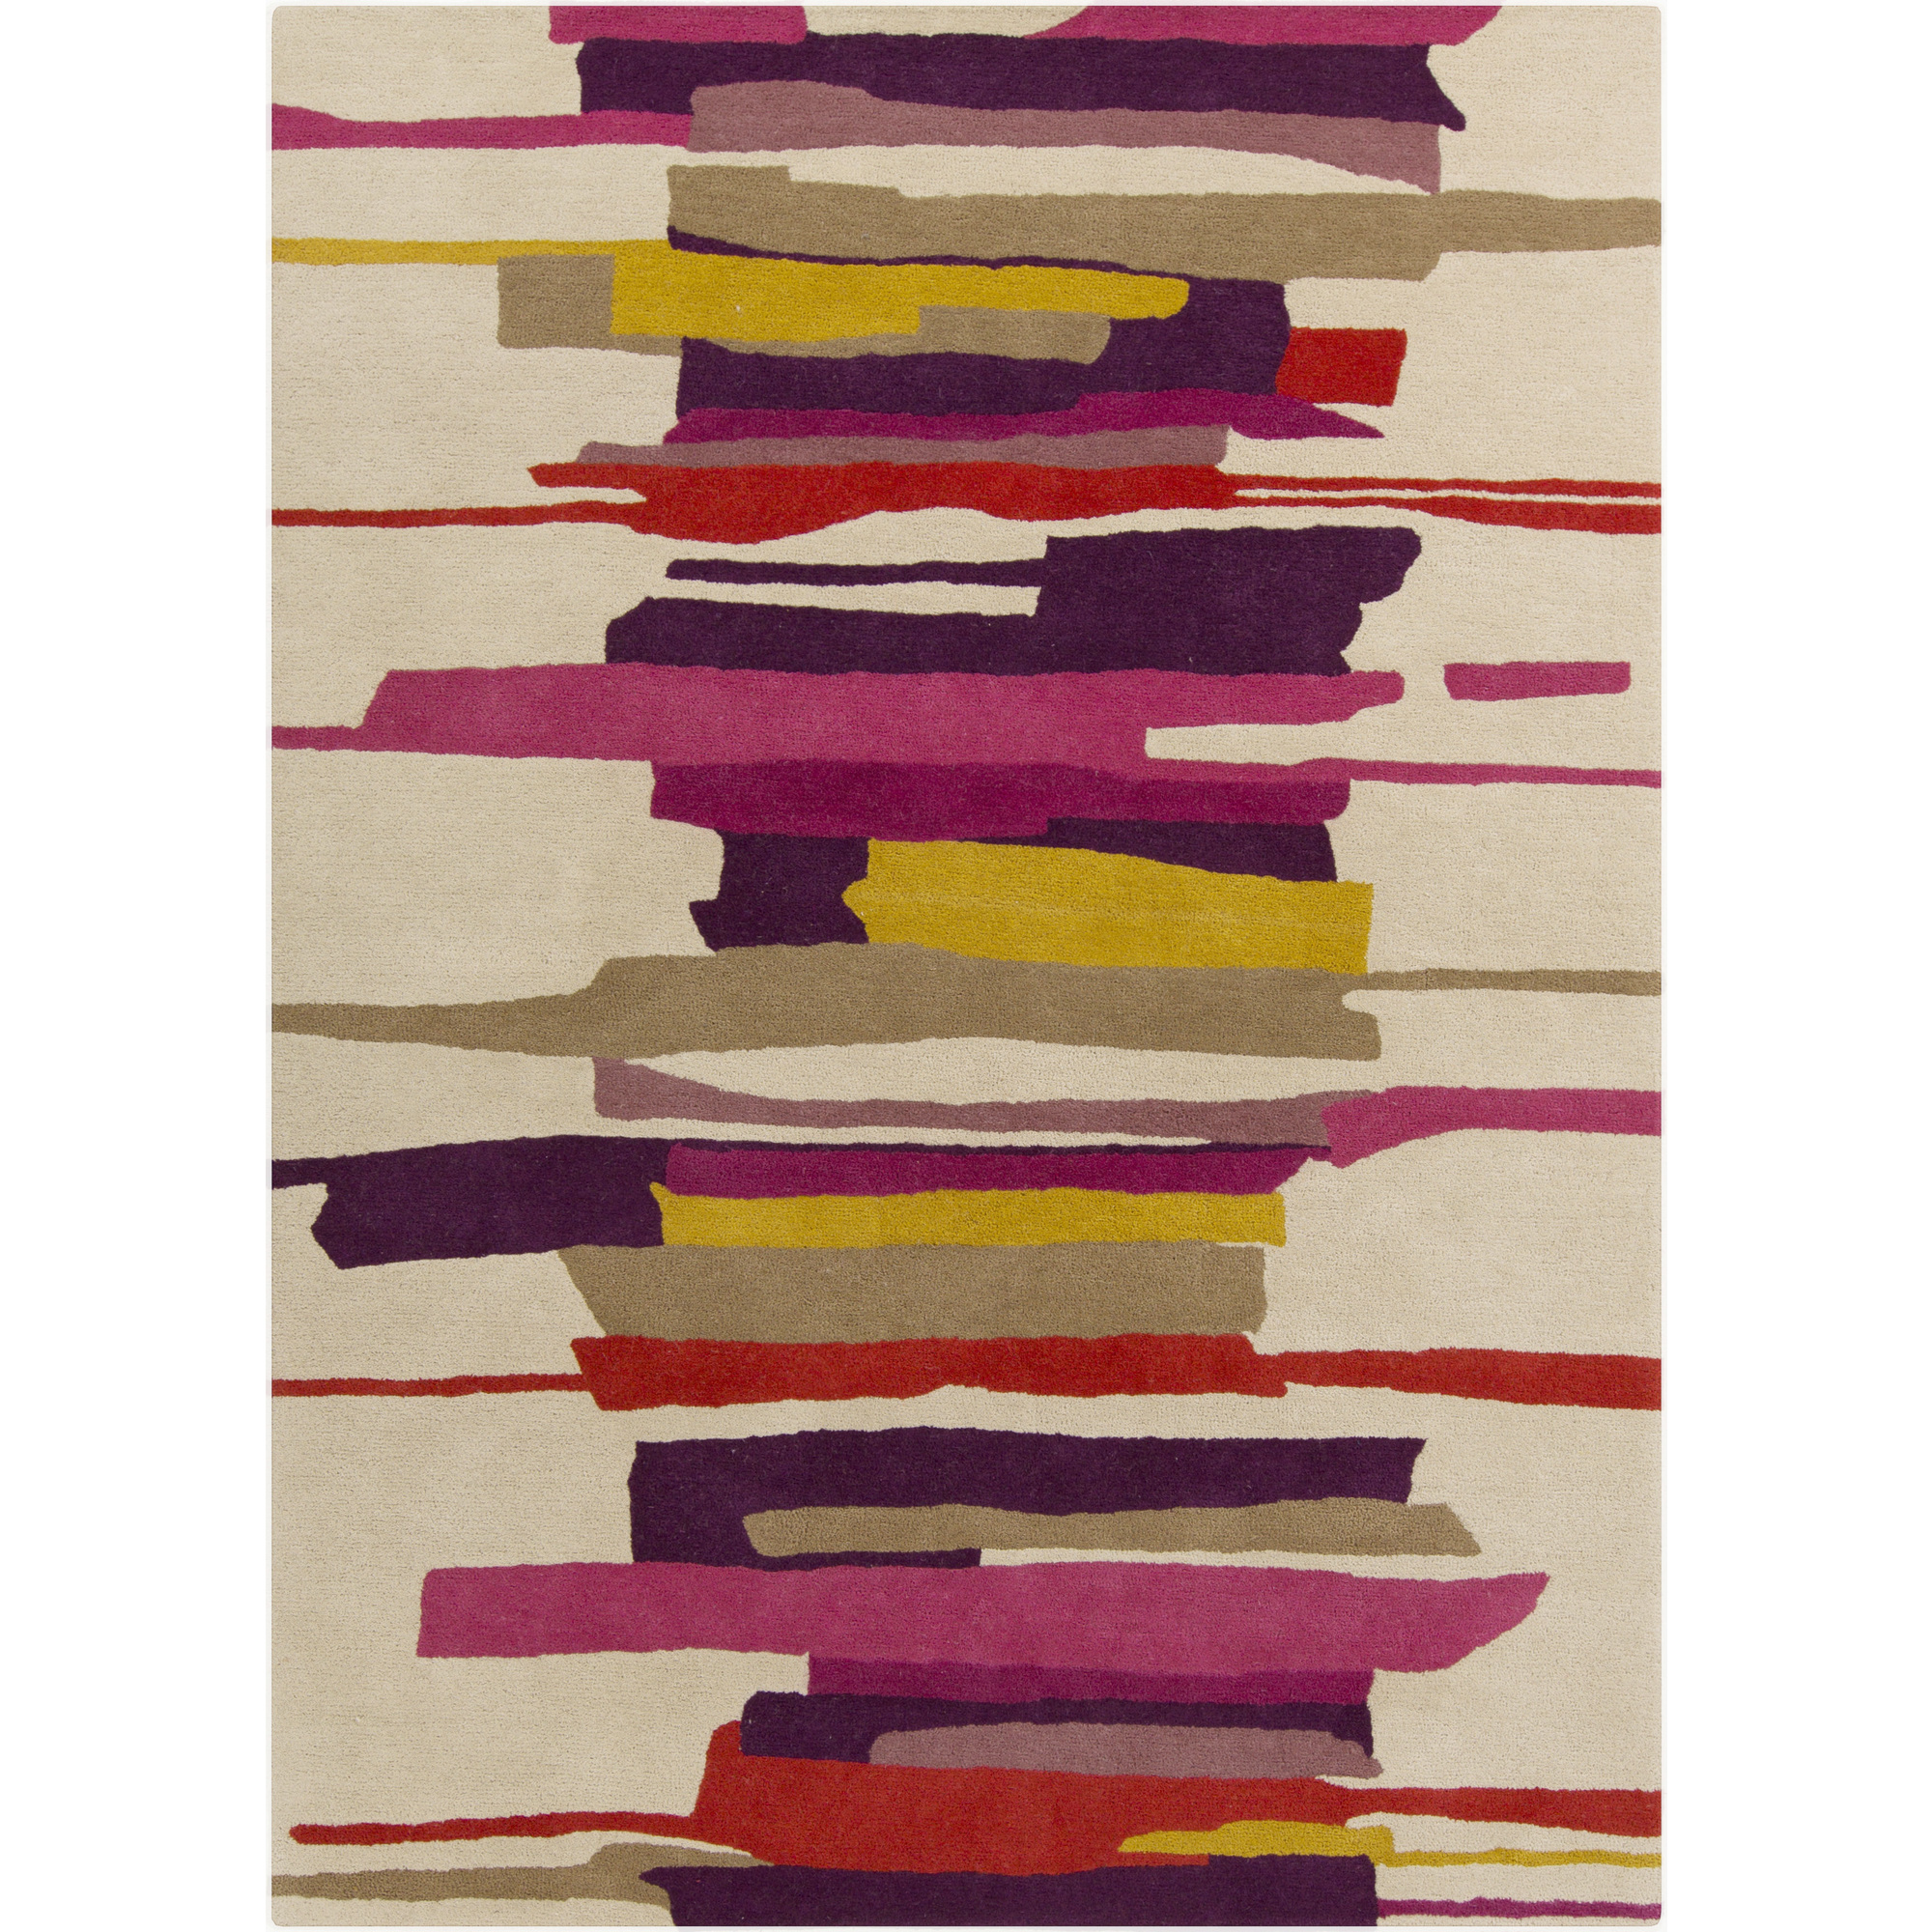 Art of Knot Paroa 9' x 12' Rectangular Area Rug